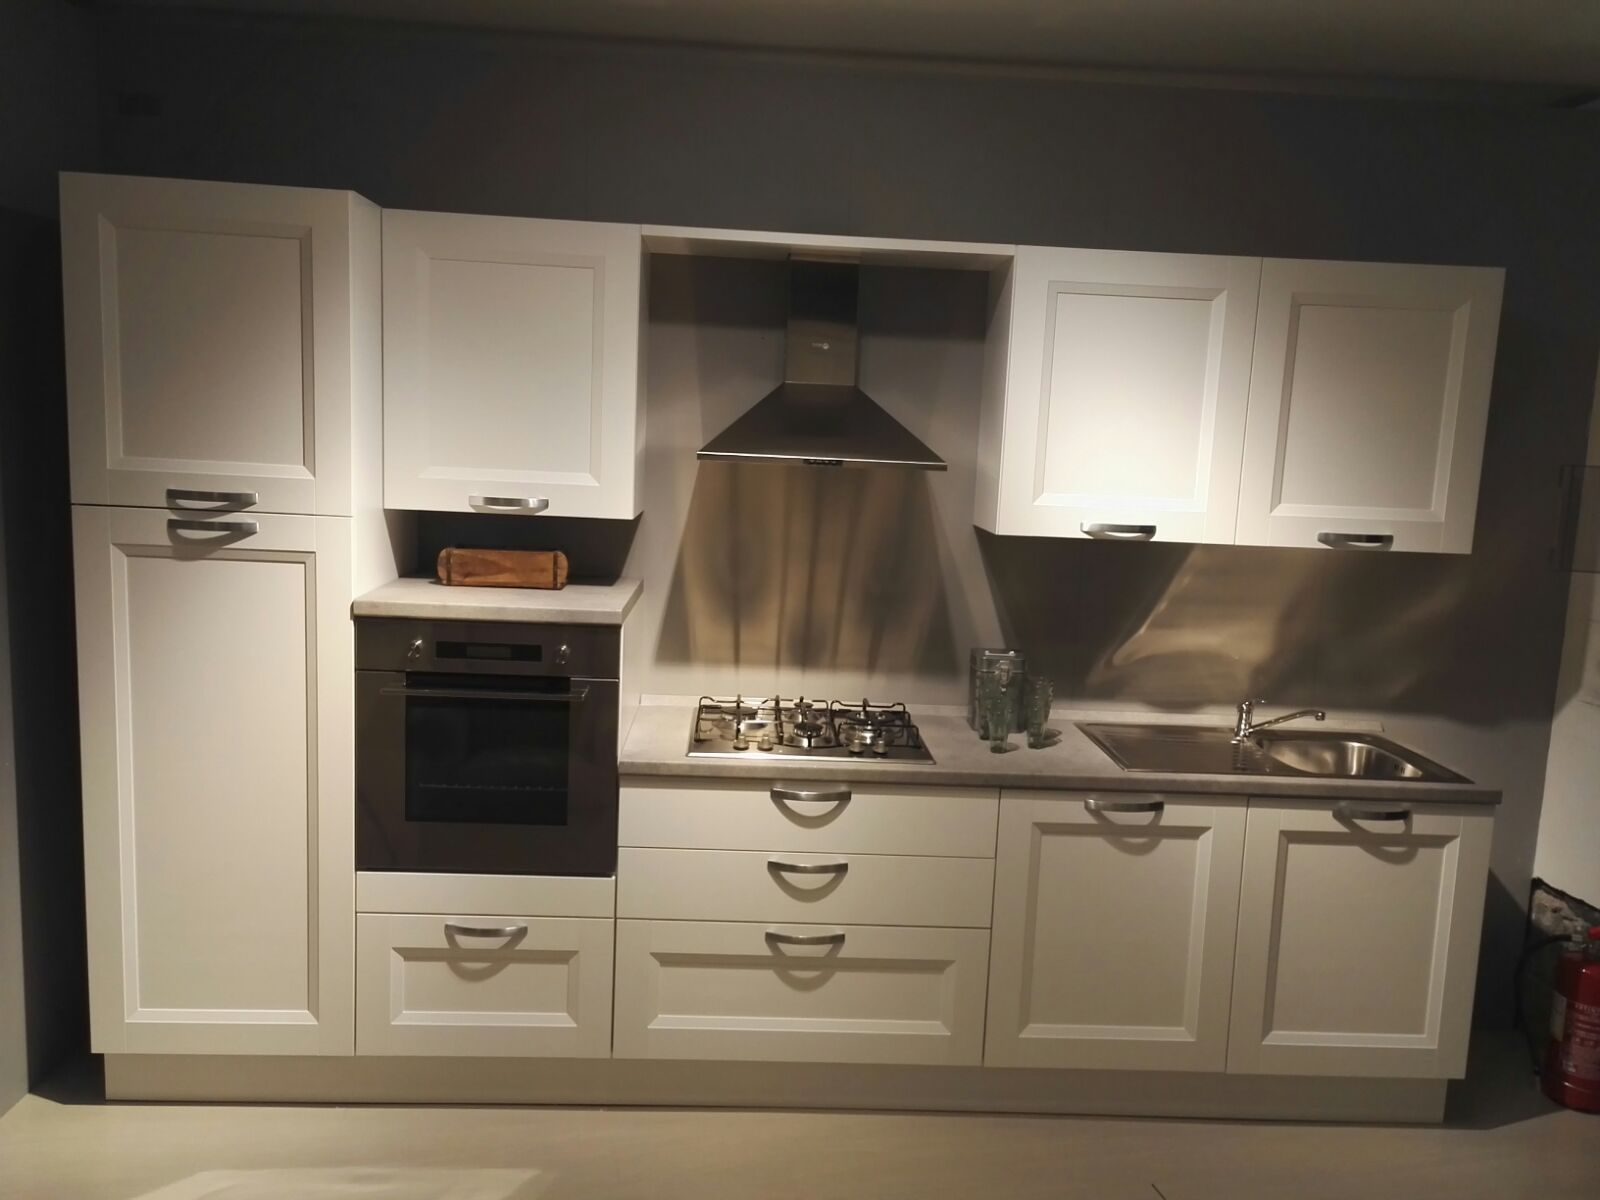 Cucina lineare completa di elettrodomestici